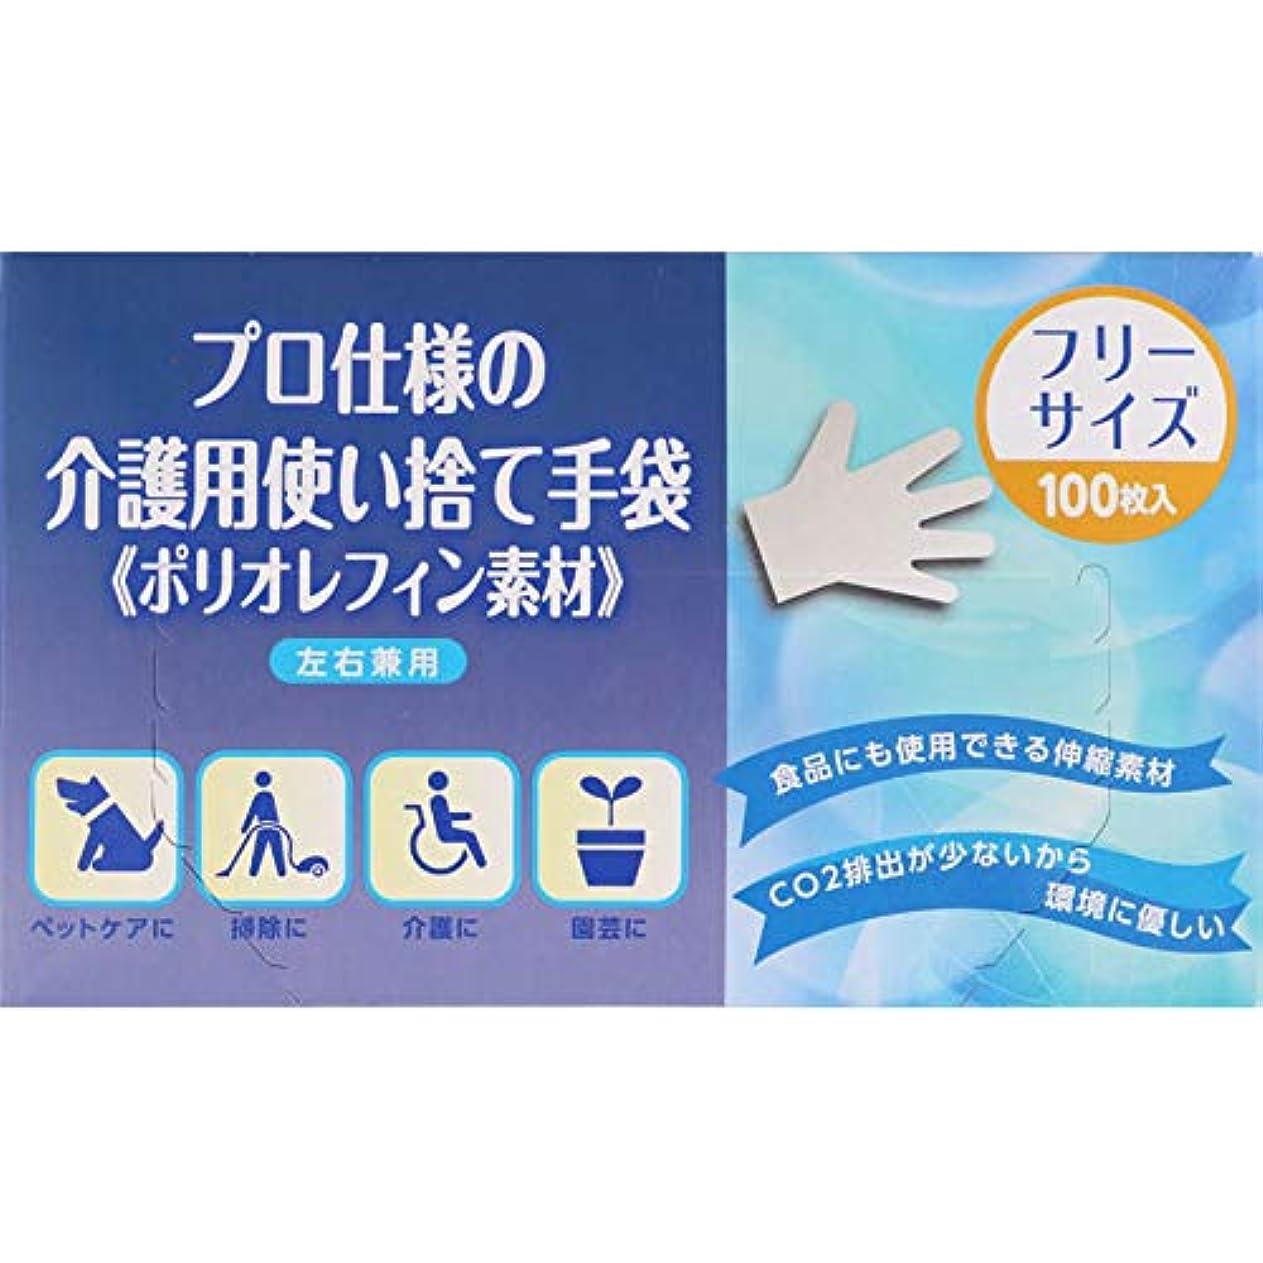 増幅器奨学金路地【5個セット】プロ仕様の介護用使い捨て手袋《ポリオレフィン素材》 100枚